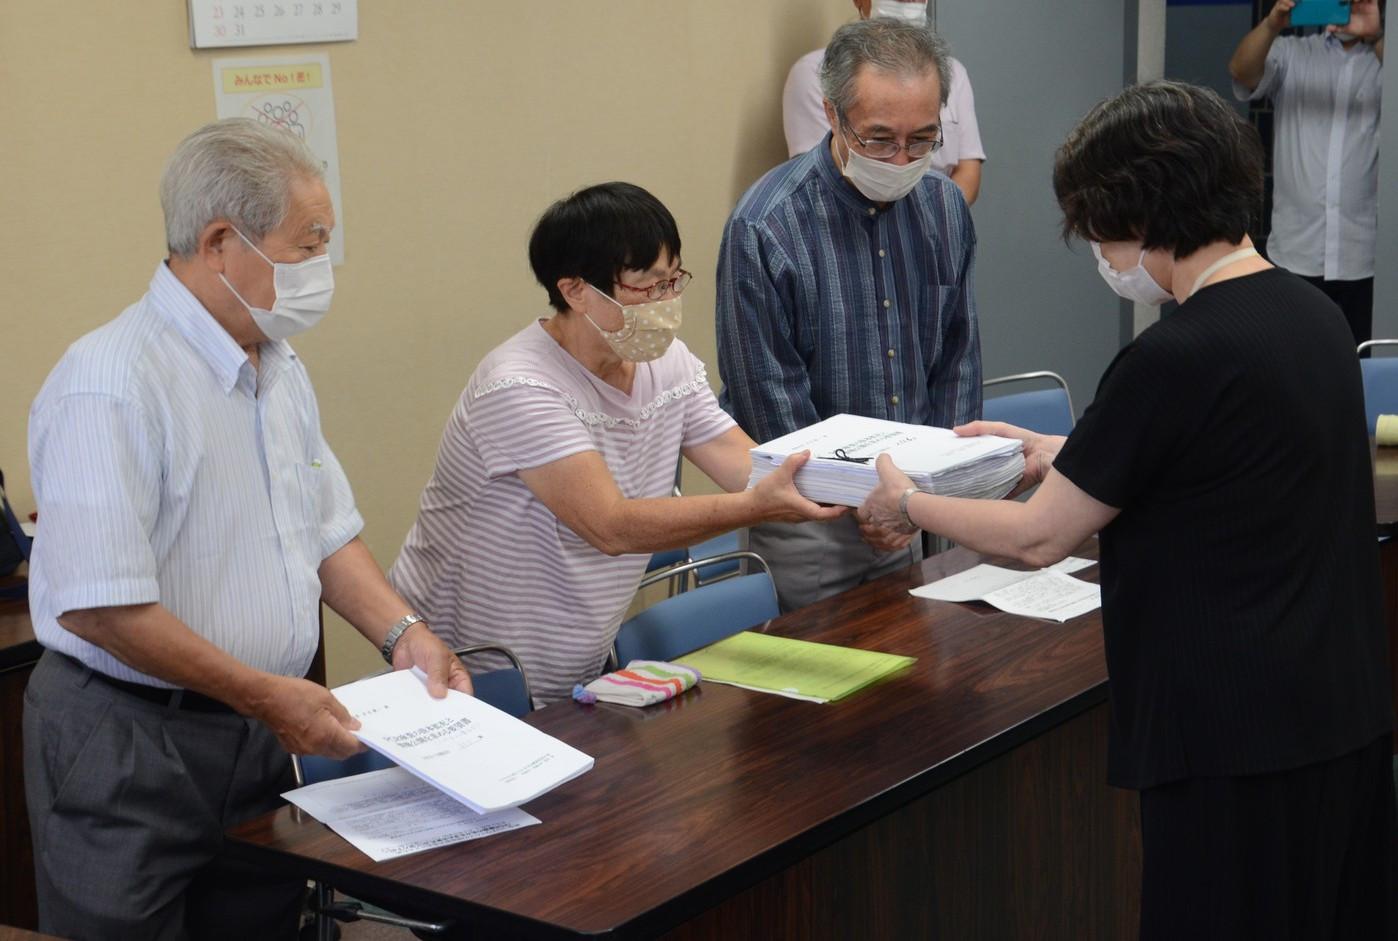 新宿区健康部長(右)に署名を提出する人たち